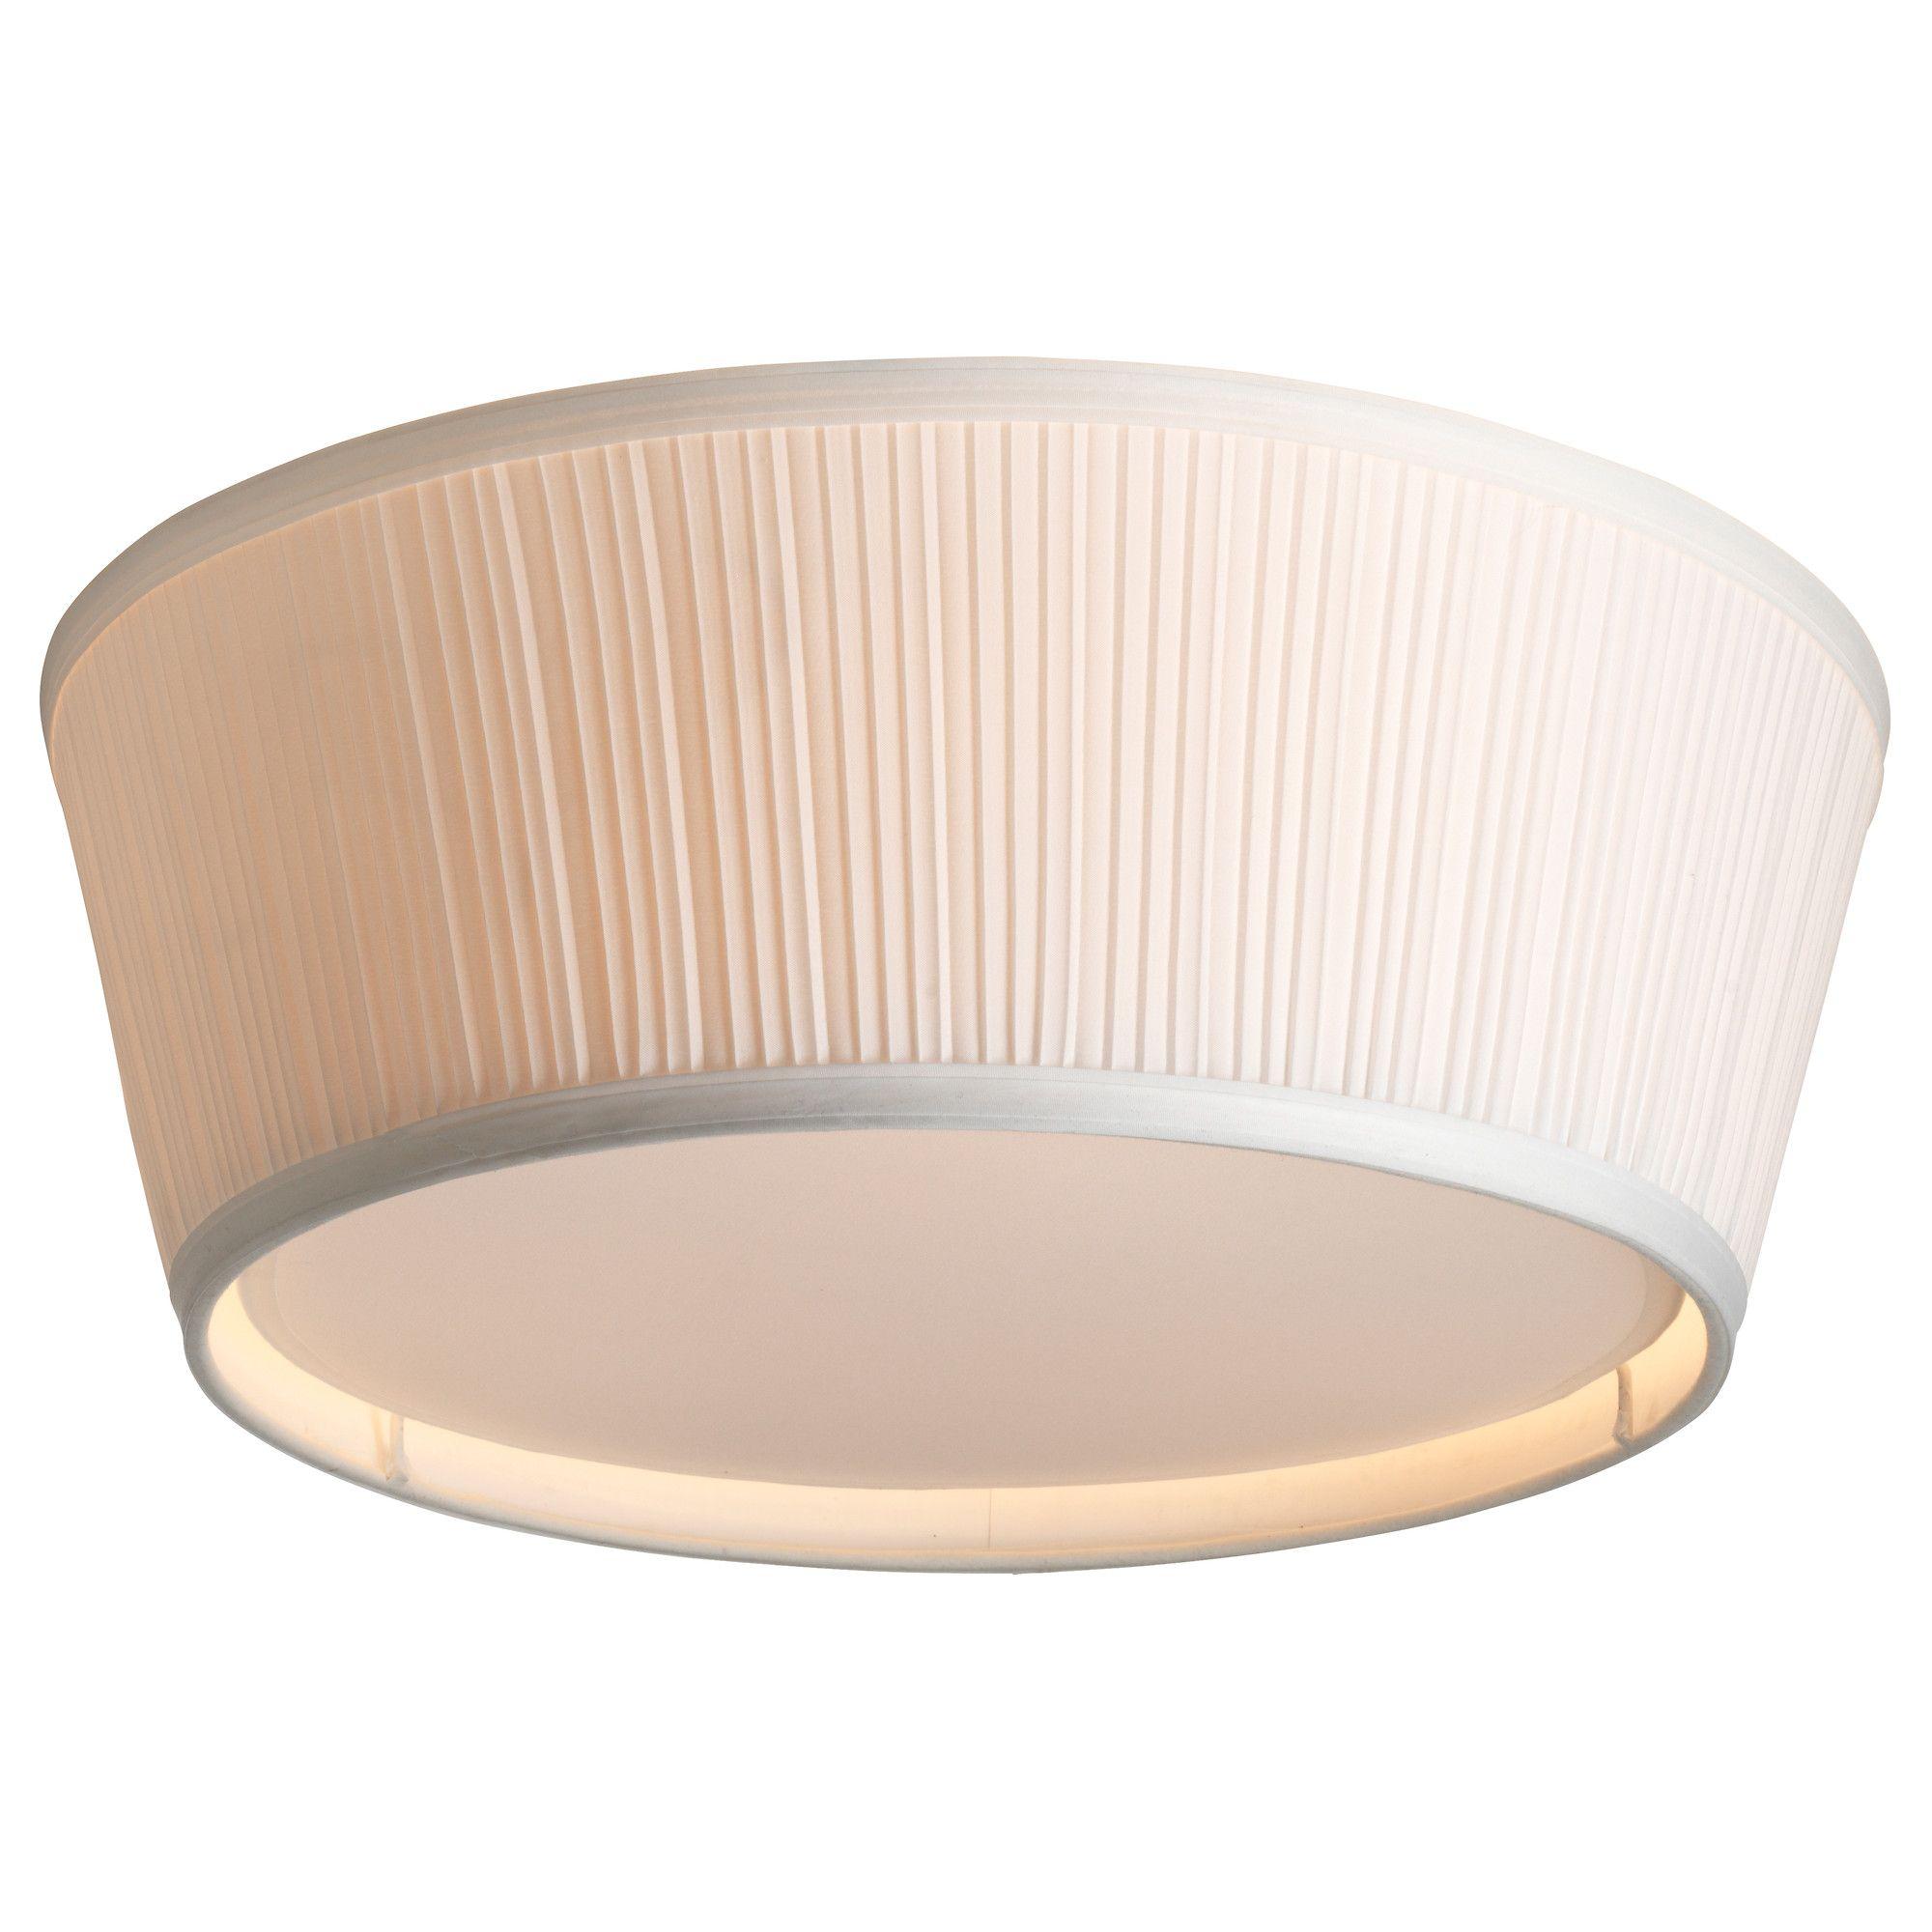 197 Rstid Ceiling Lamp White Ikea Lighting Ceiling Lamp